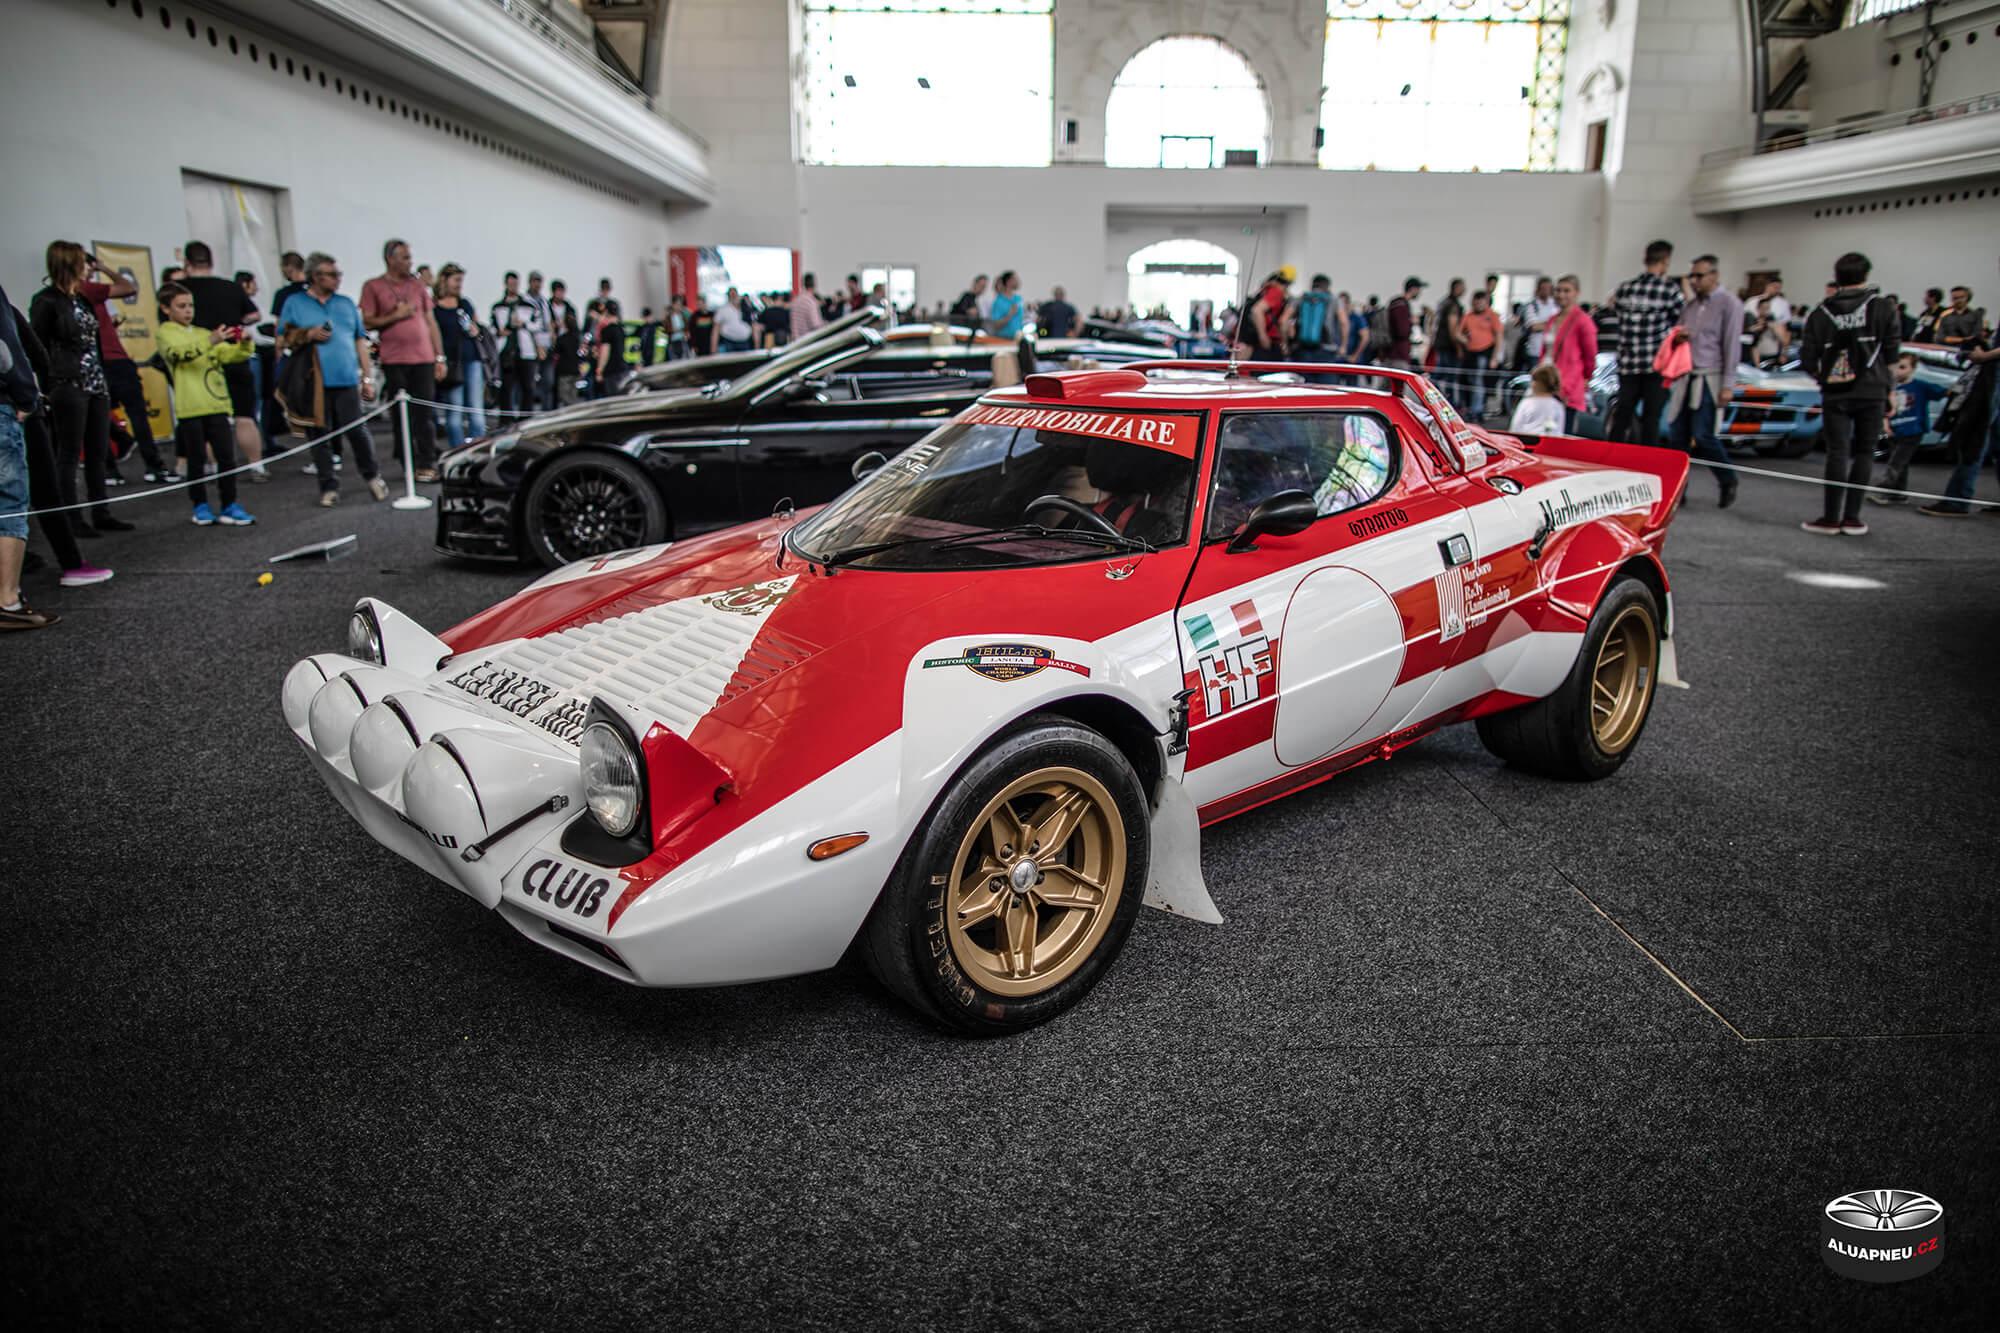 Lancia Stratos Rallye - Youngtimer - www.aluapneu.cz